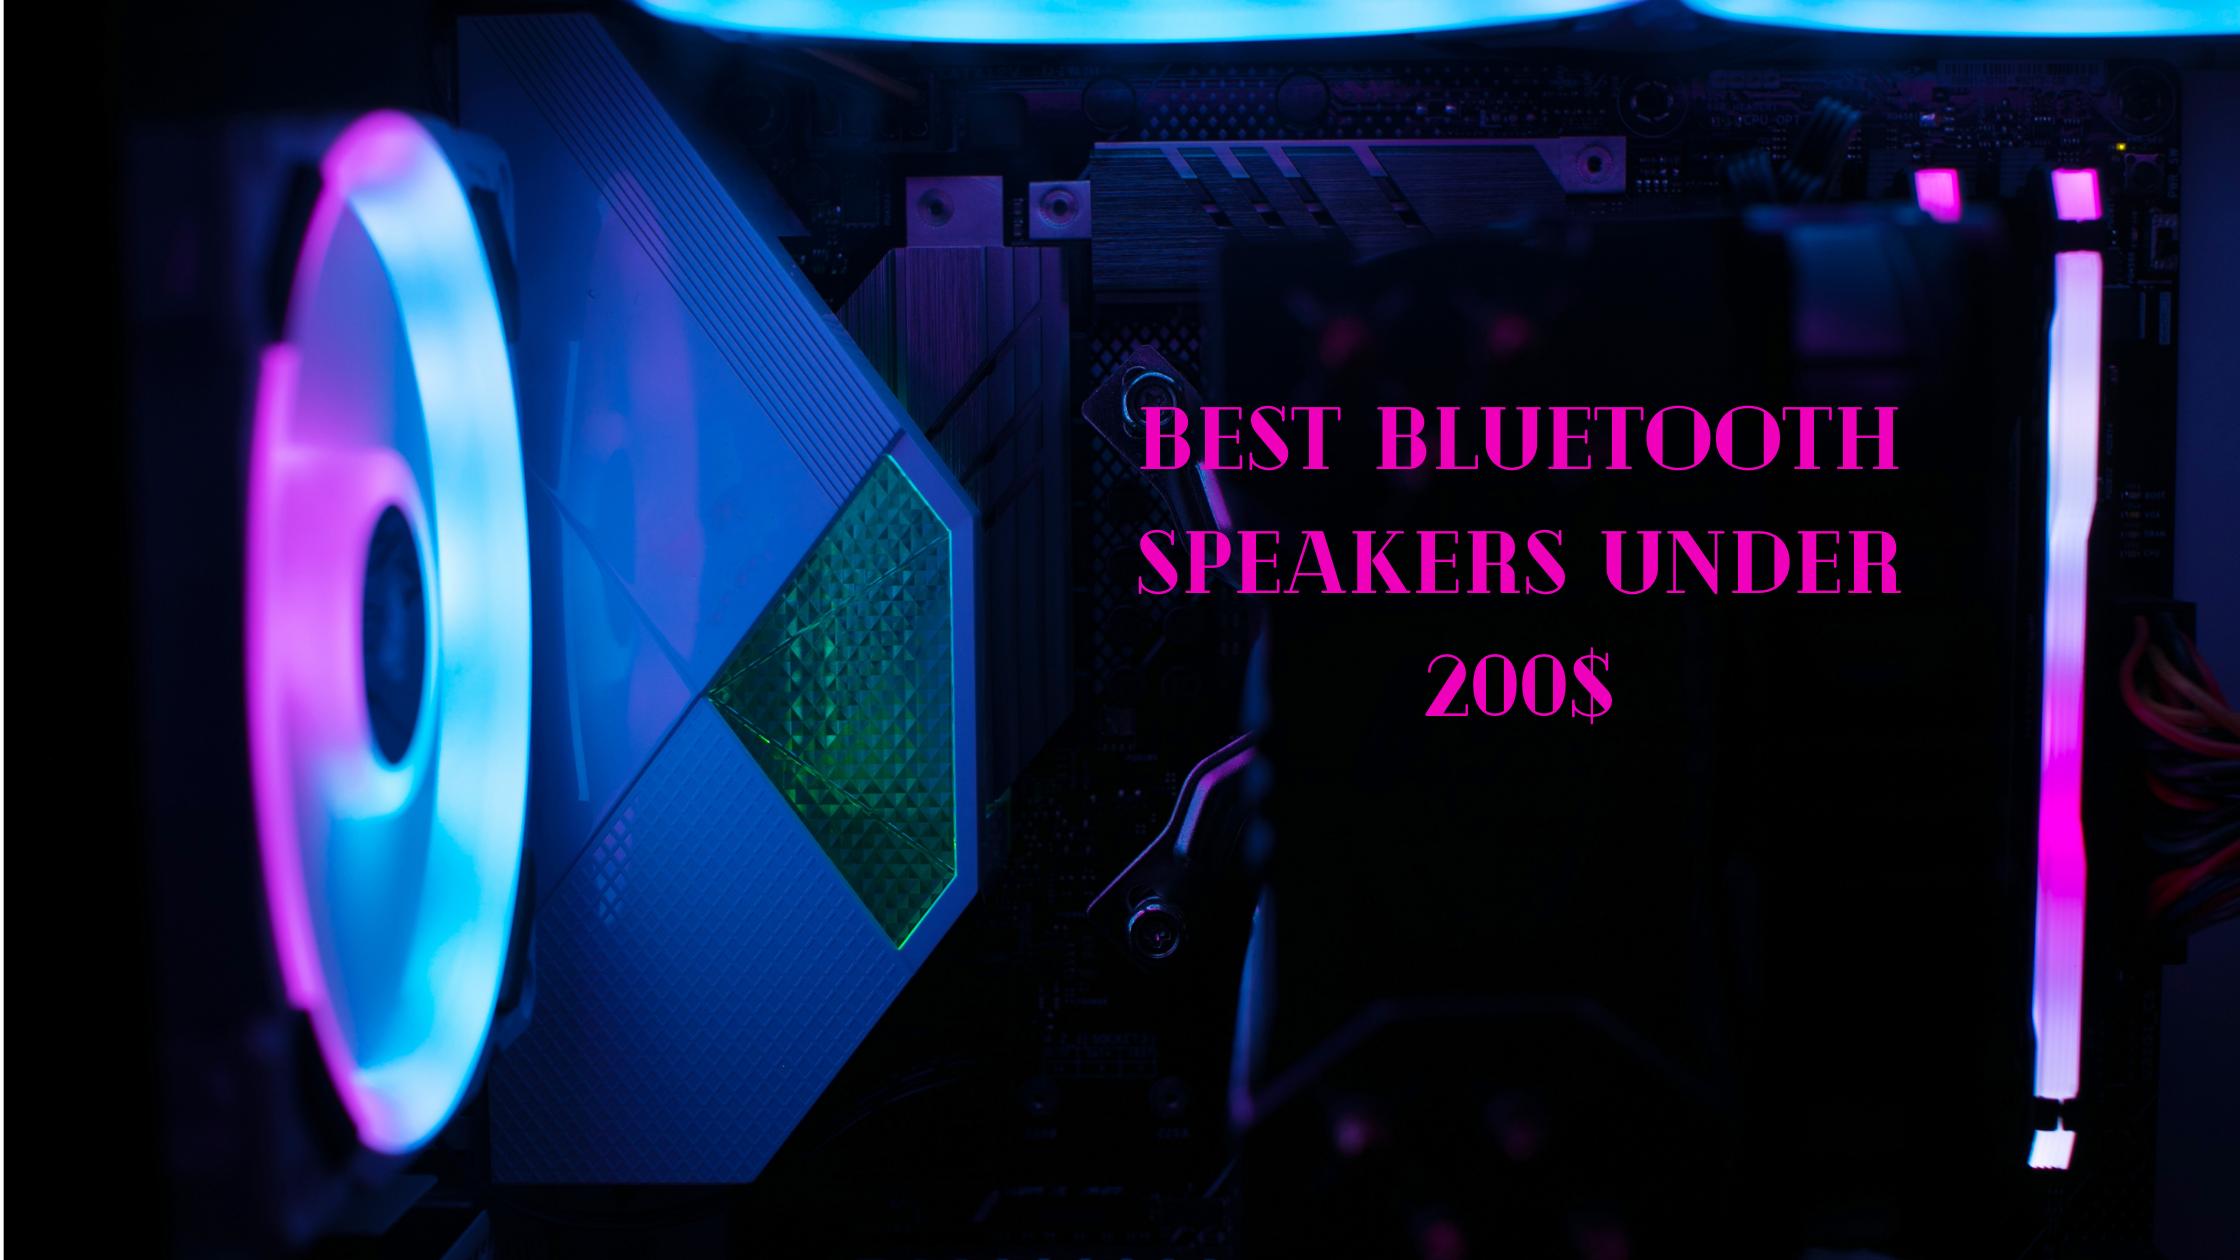 Best Bluetooth Speakers under 200$